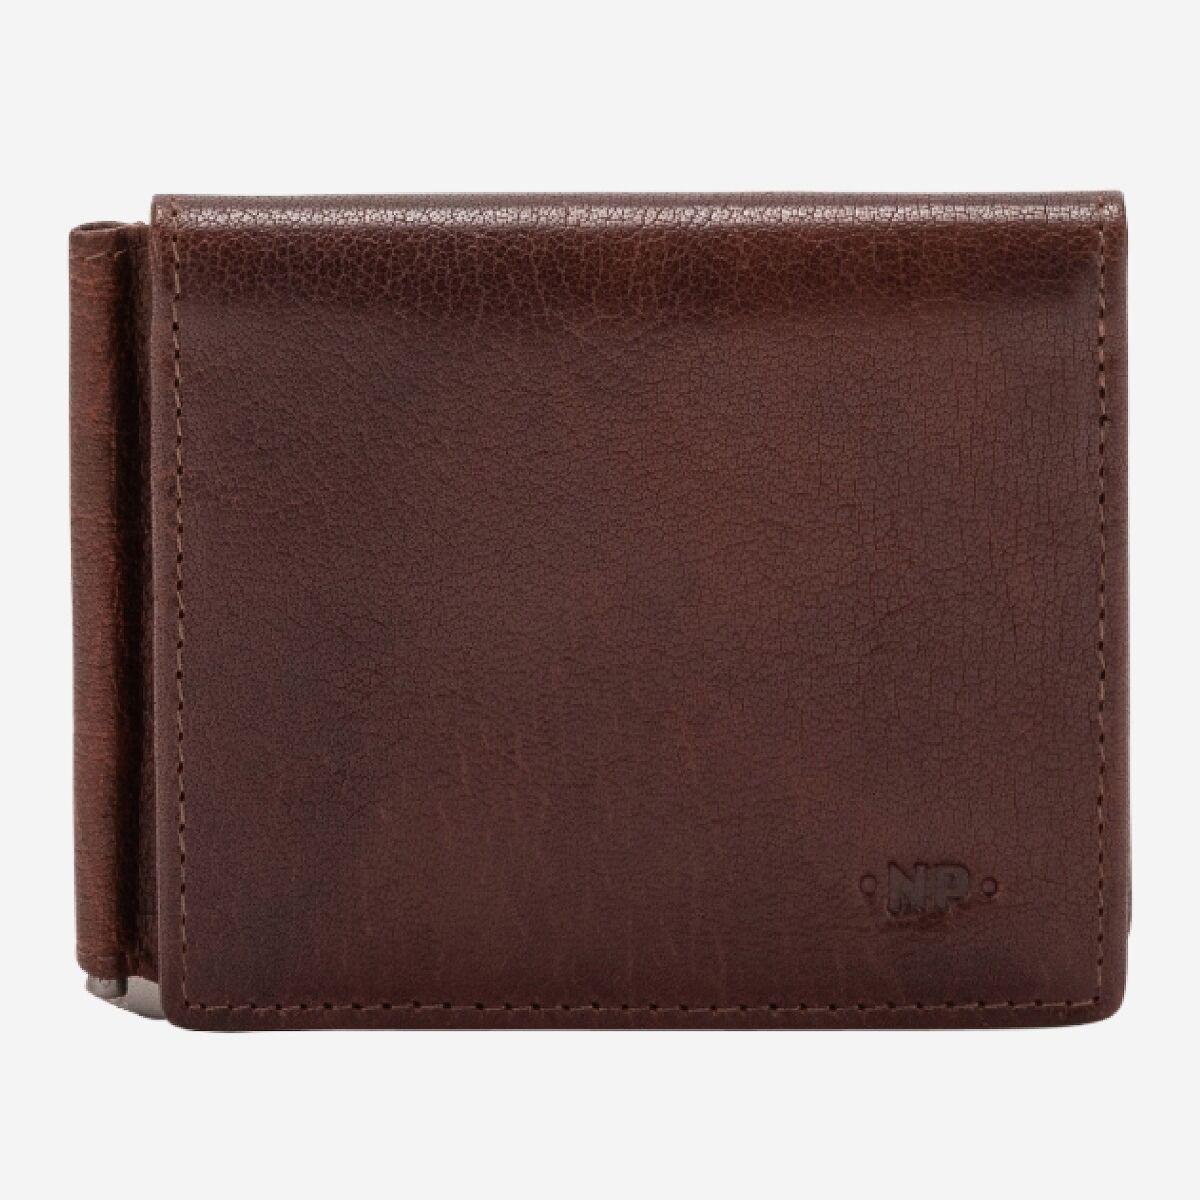 Portefeuille homme avec pince à billet et porte-monnaie